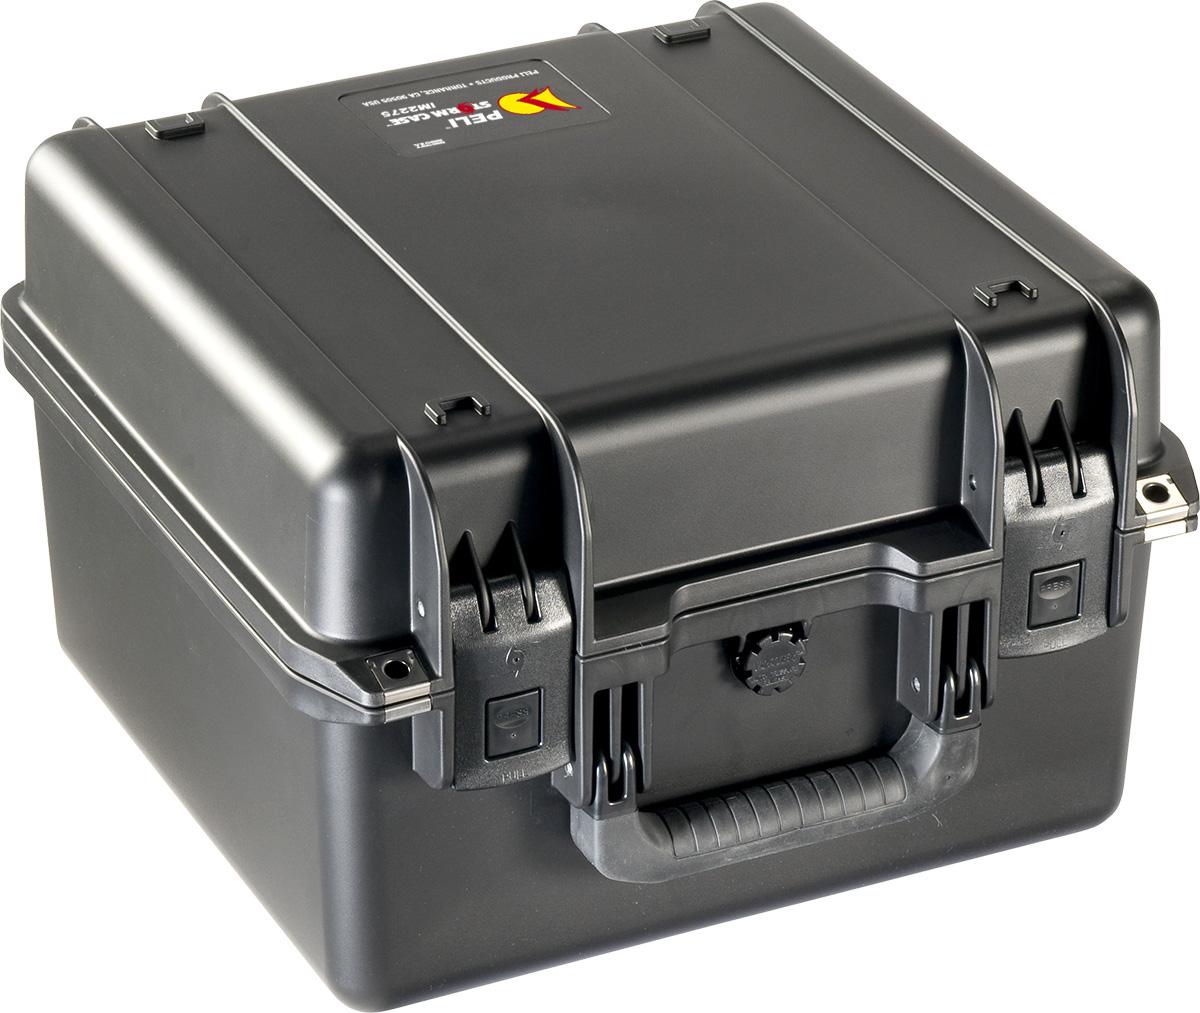 peli storm im2275 gun cases